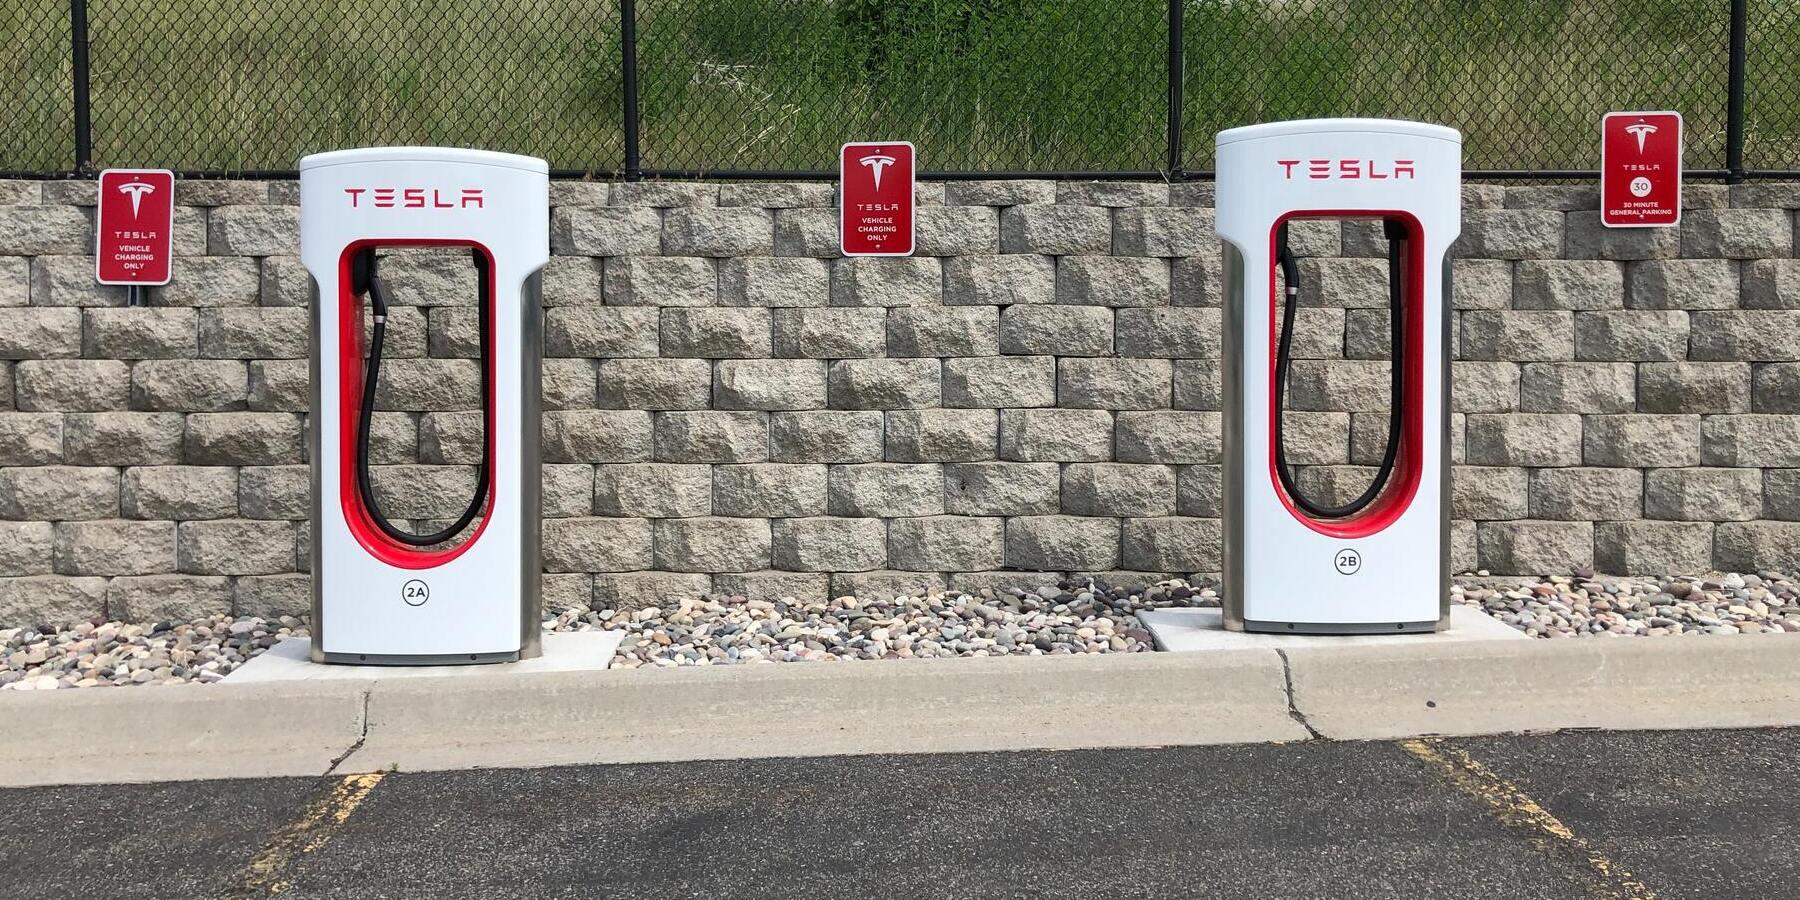 Tesla in Gruenheide verspaetet & Tech-Giganten veroeffentlichen Zahlen - Tesla Ladestation